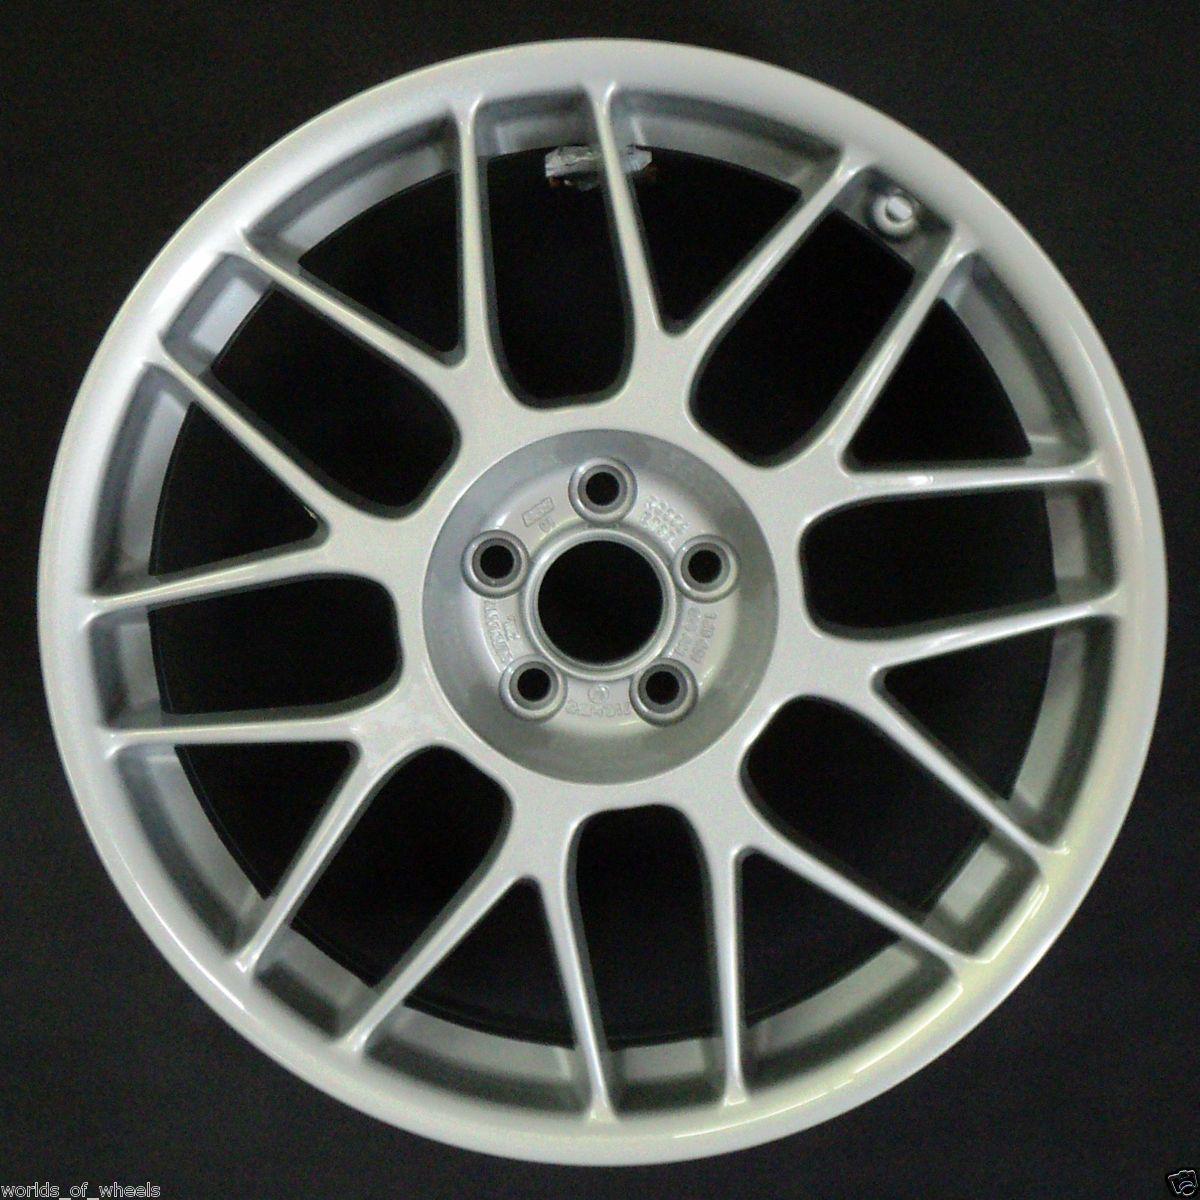 06 Volkswagen VW Jetta 18 16 Spoke BBS Factory OEM Wheel Rim H# 69806